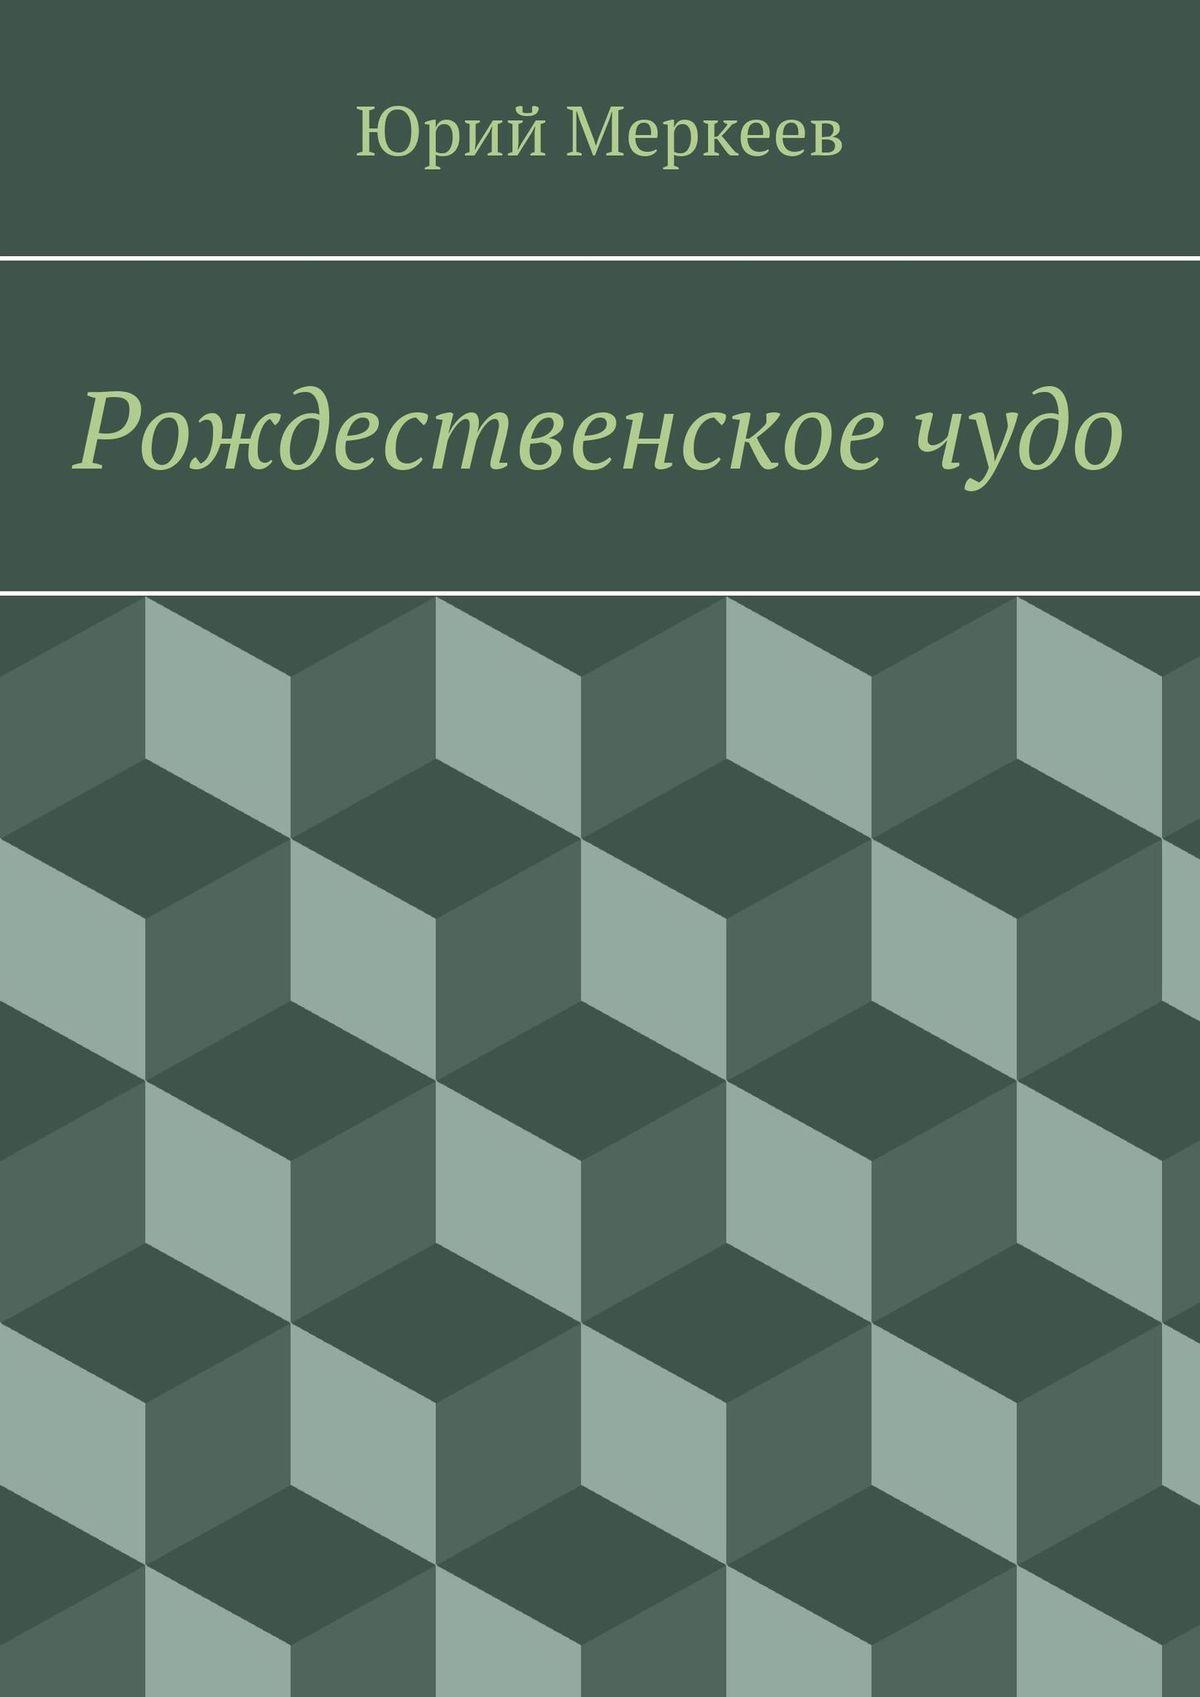 Фото - Юрий Меркеев Рождественскоечудо. Для семейного чтения юрий меркеев монастырь икошка